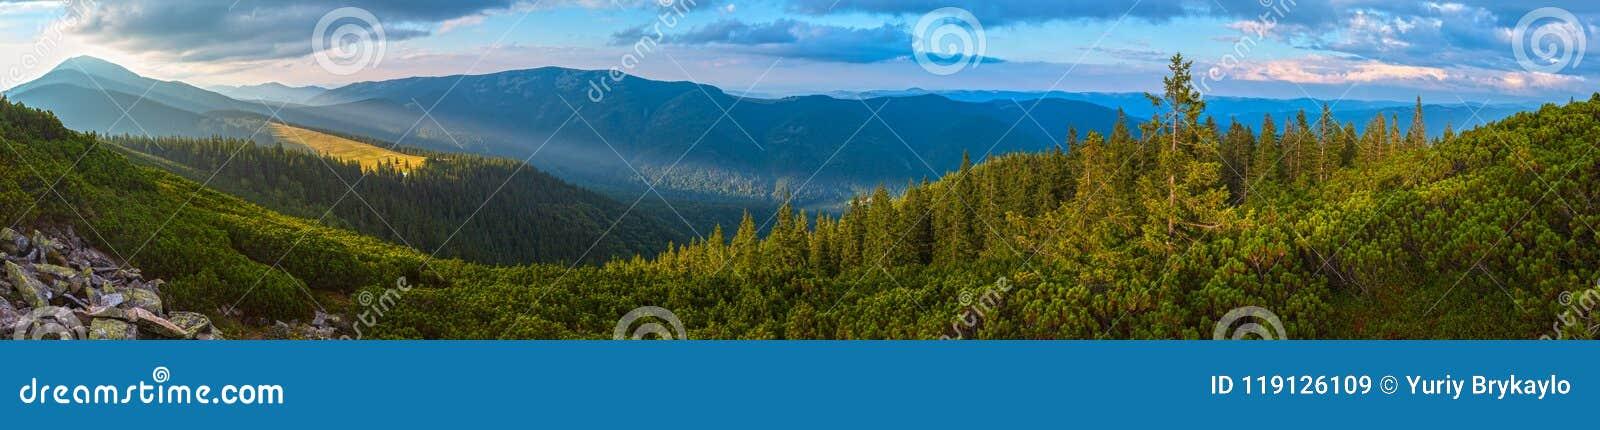 Montagne carpathienne d été, Ukraine